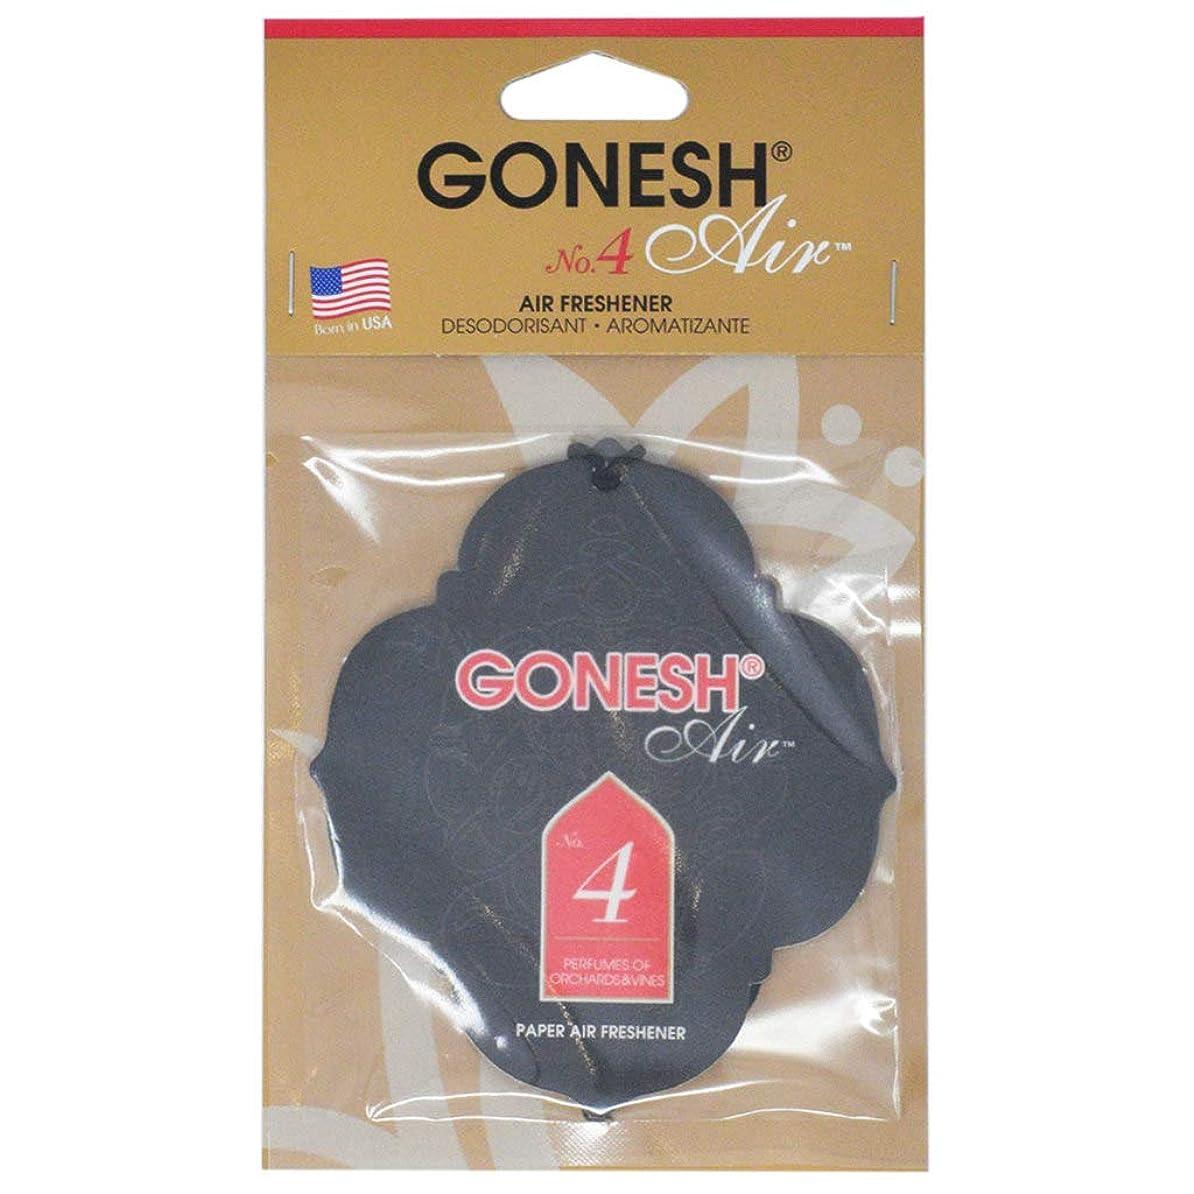 洗剤ベルベットはっきりとGONESH ペーパーエアフレッシュナー NO.4